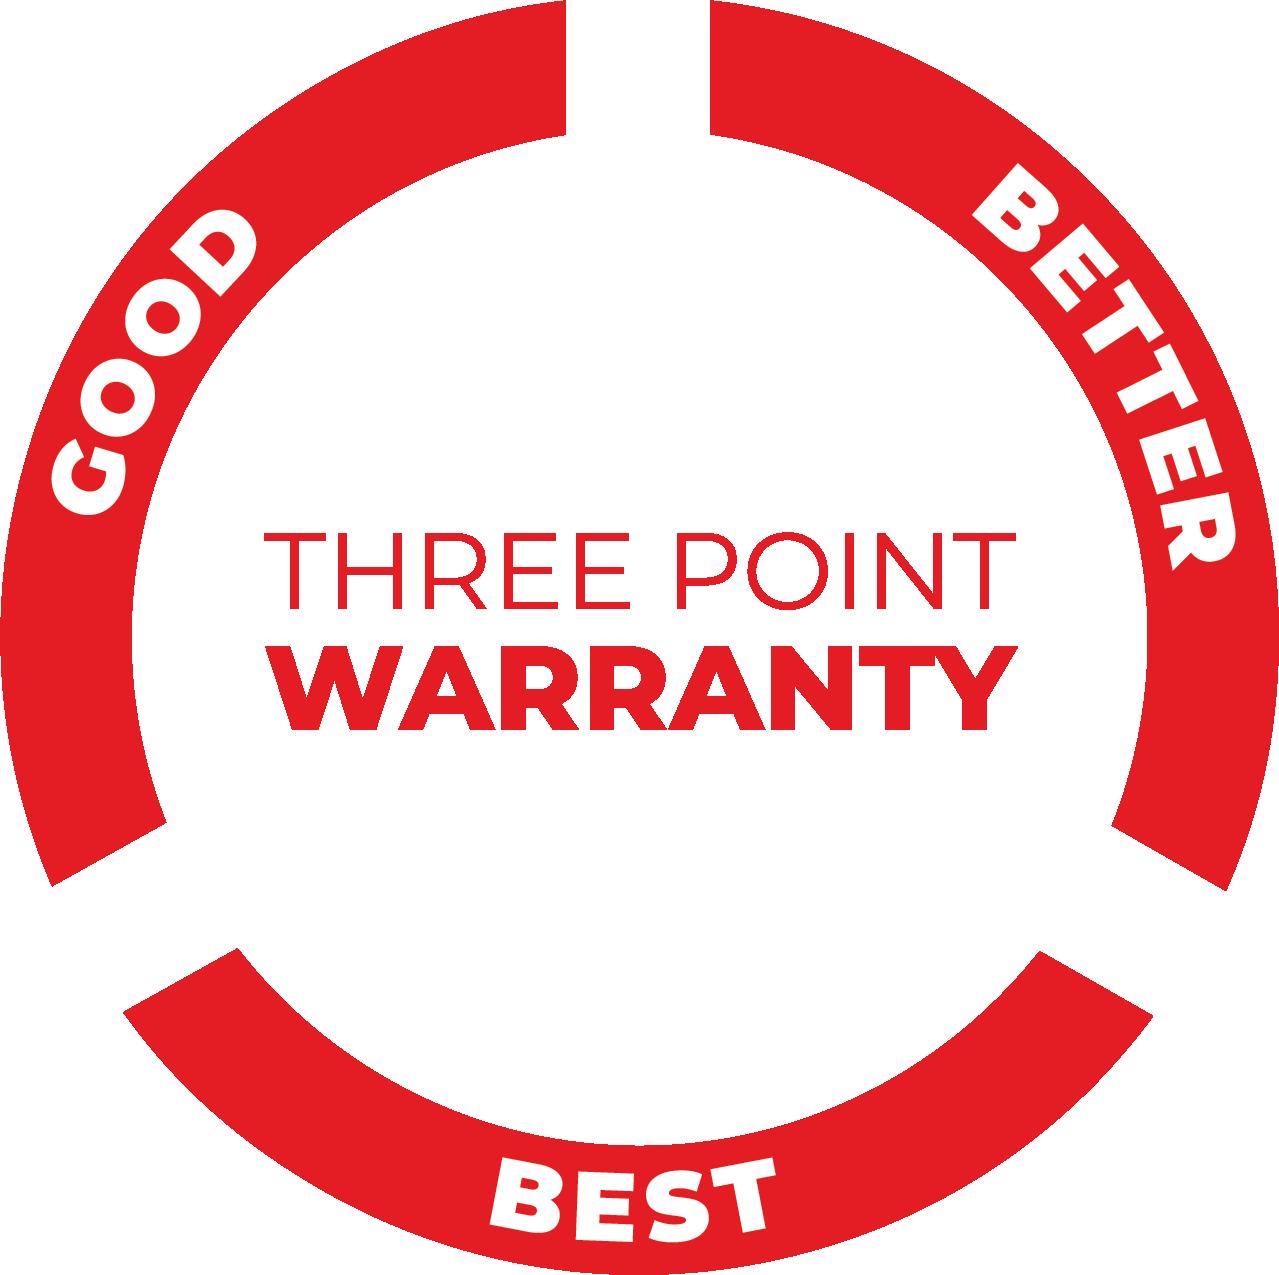 New Market Leading Warranty Program